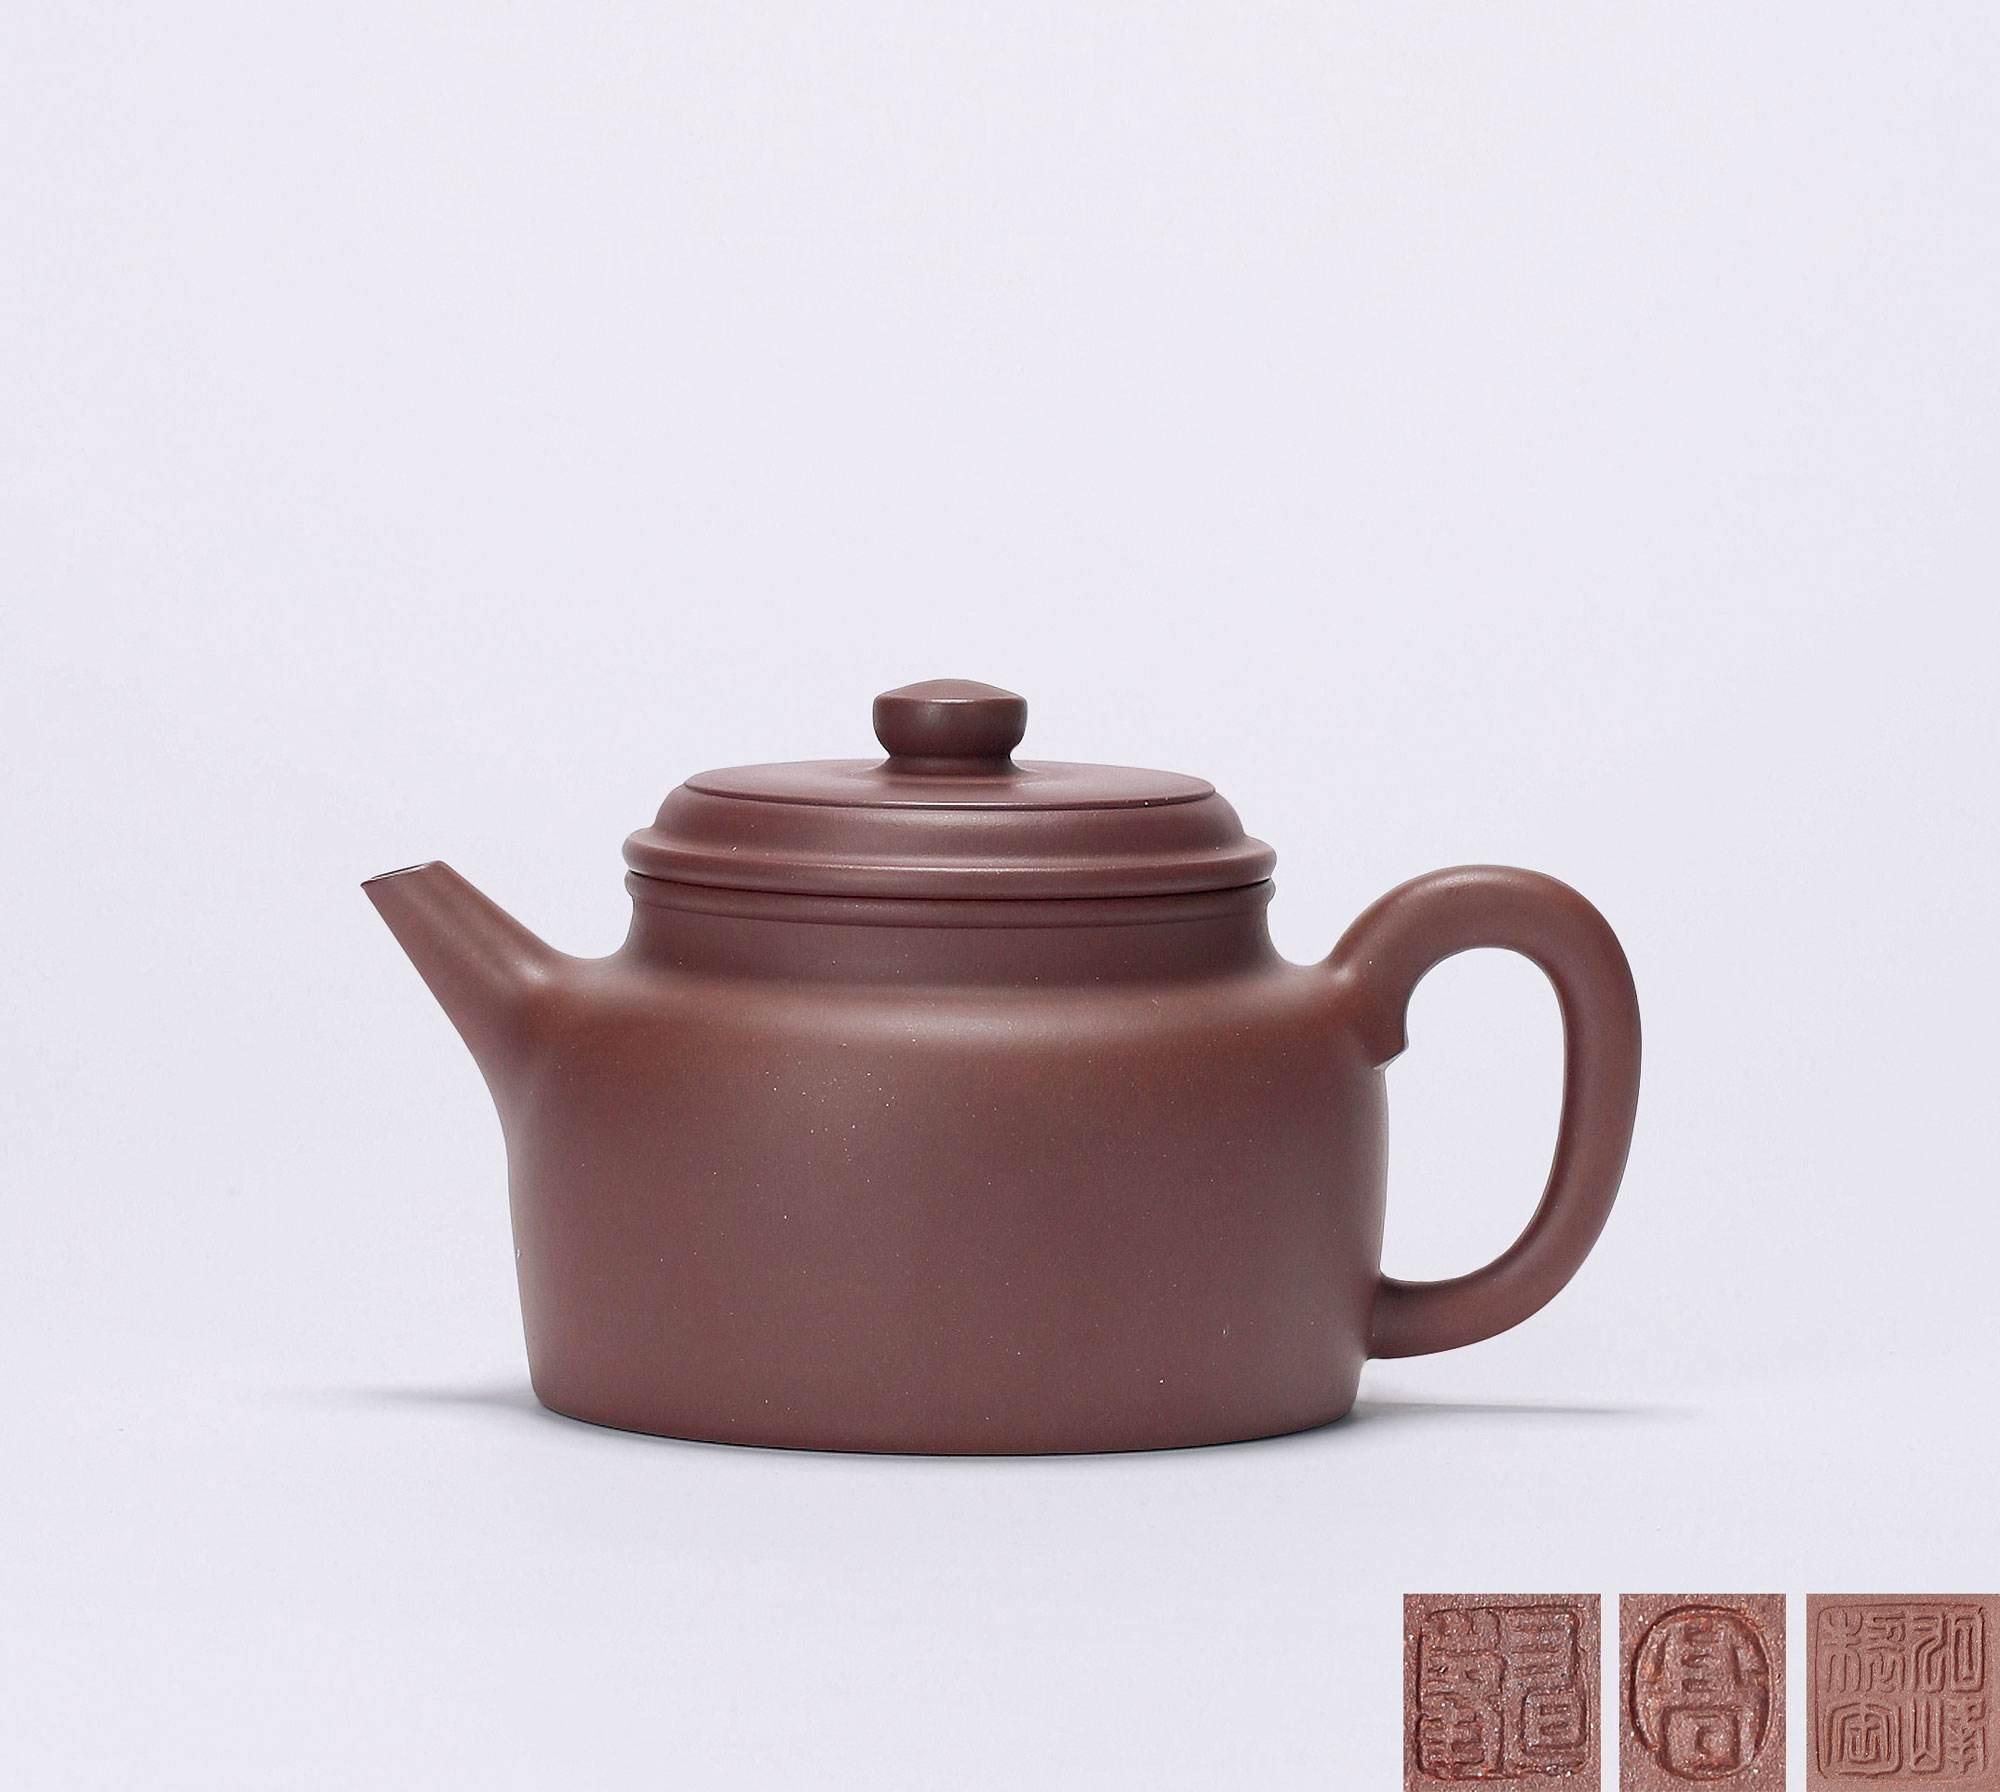 为什么紫砂壶开壶后表面出现一层白雾?